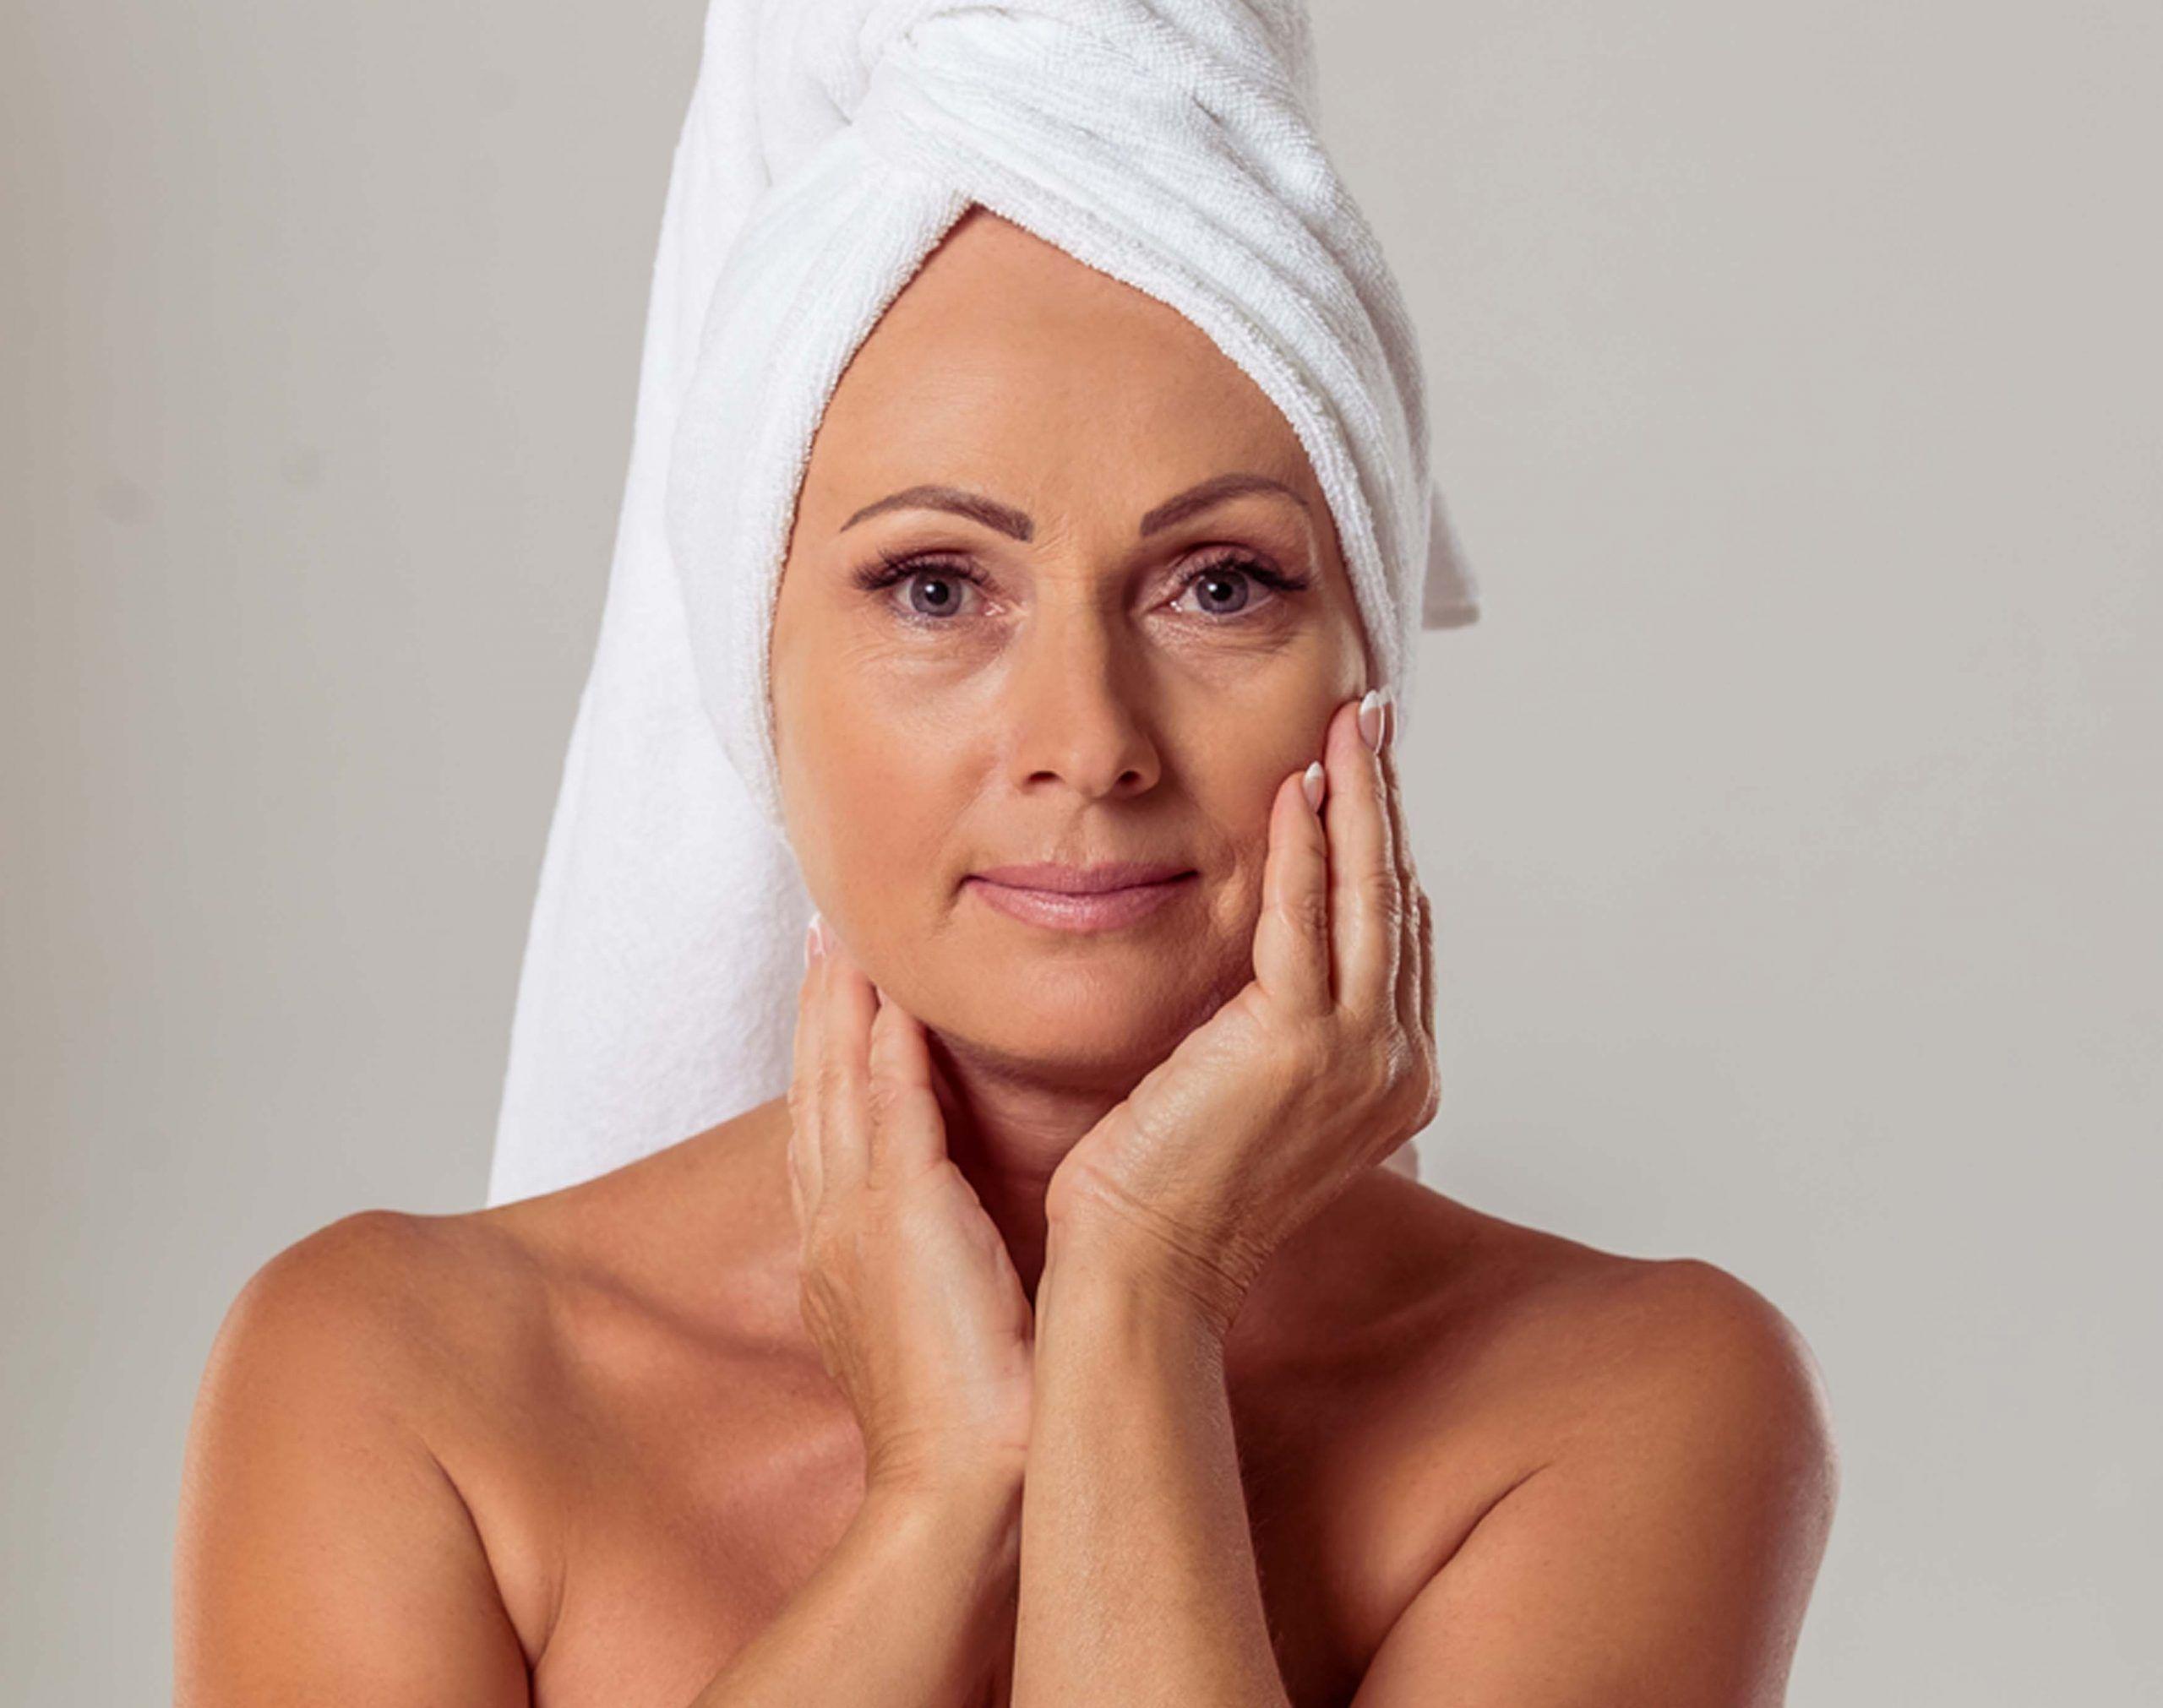 Tratamientos para cuidar la piel según la edad